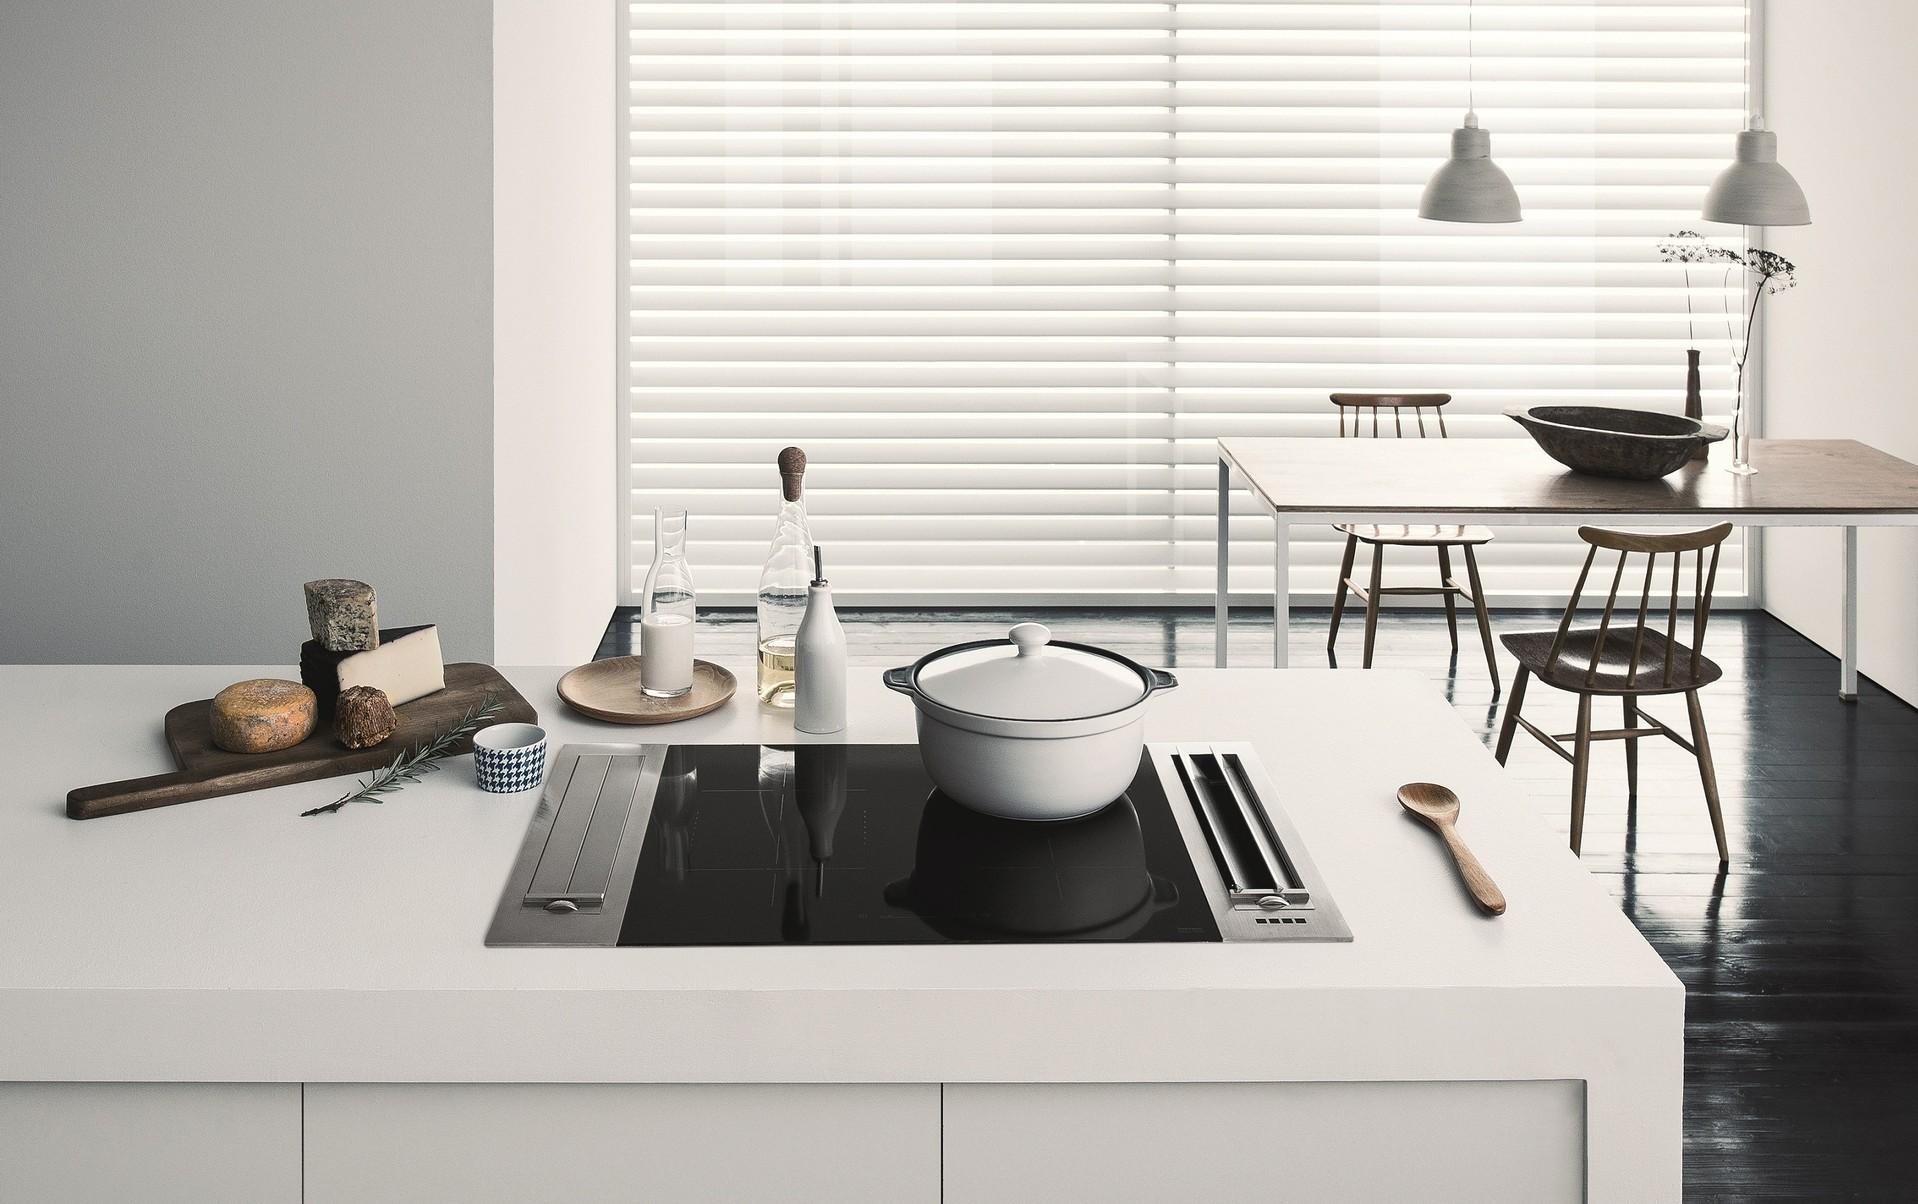 Küchengeräte von Einrichtungsprofi | Böhm Möbel - Freistadt